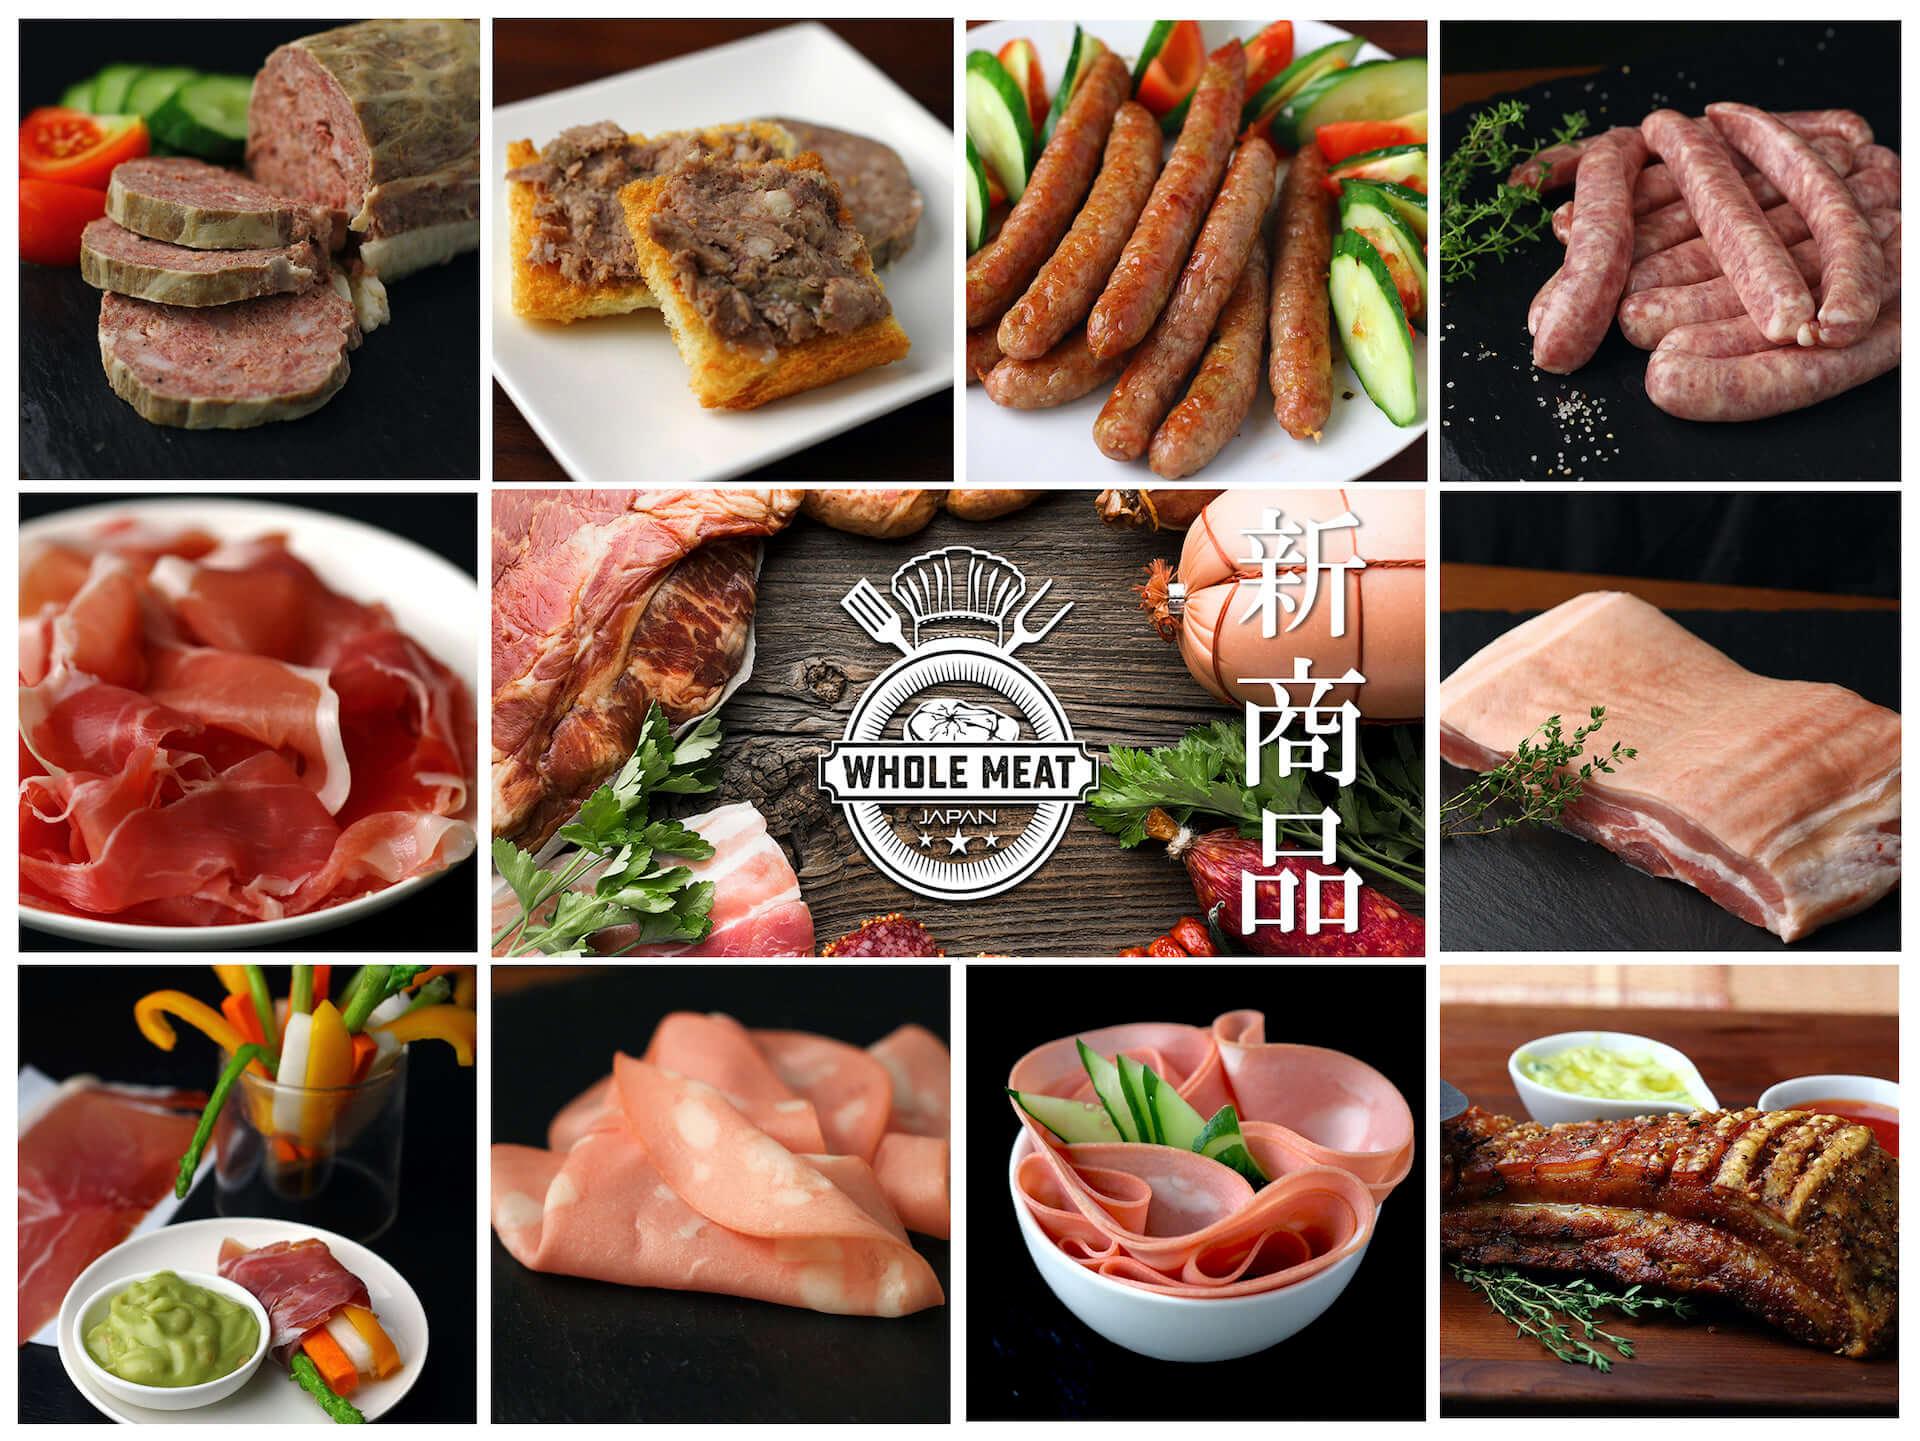 ワインとも相性抜群!お肉のネットショップ「ホールミート」の新商品にイタリア産ソーセージや生ハムなど多数ラインナップ gourmet201005_wholemeat_1-1920x1441